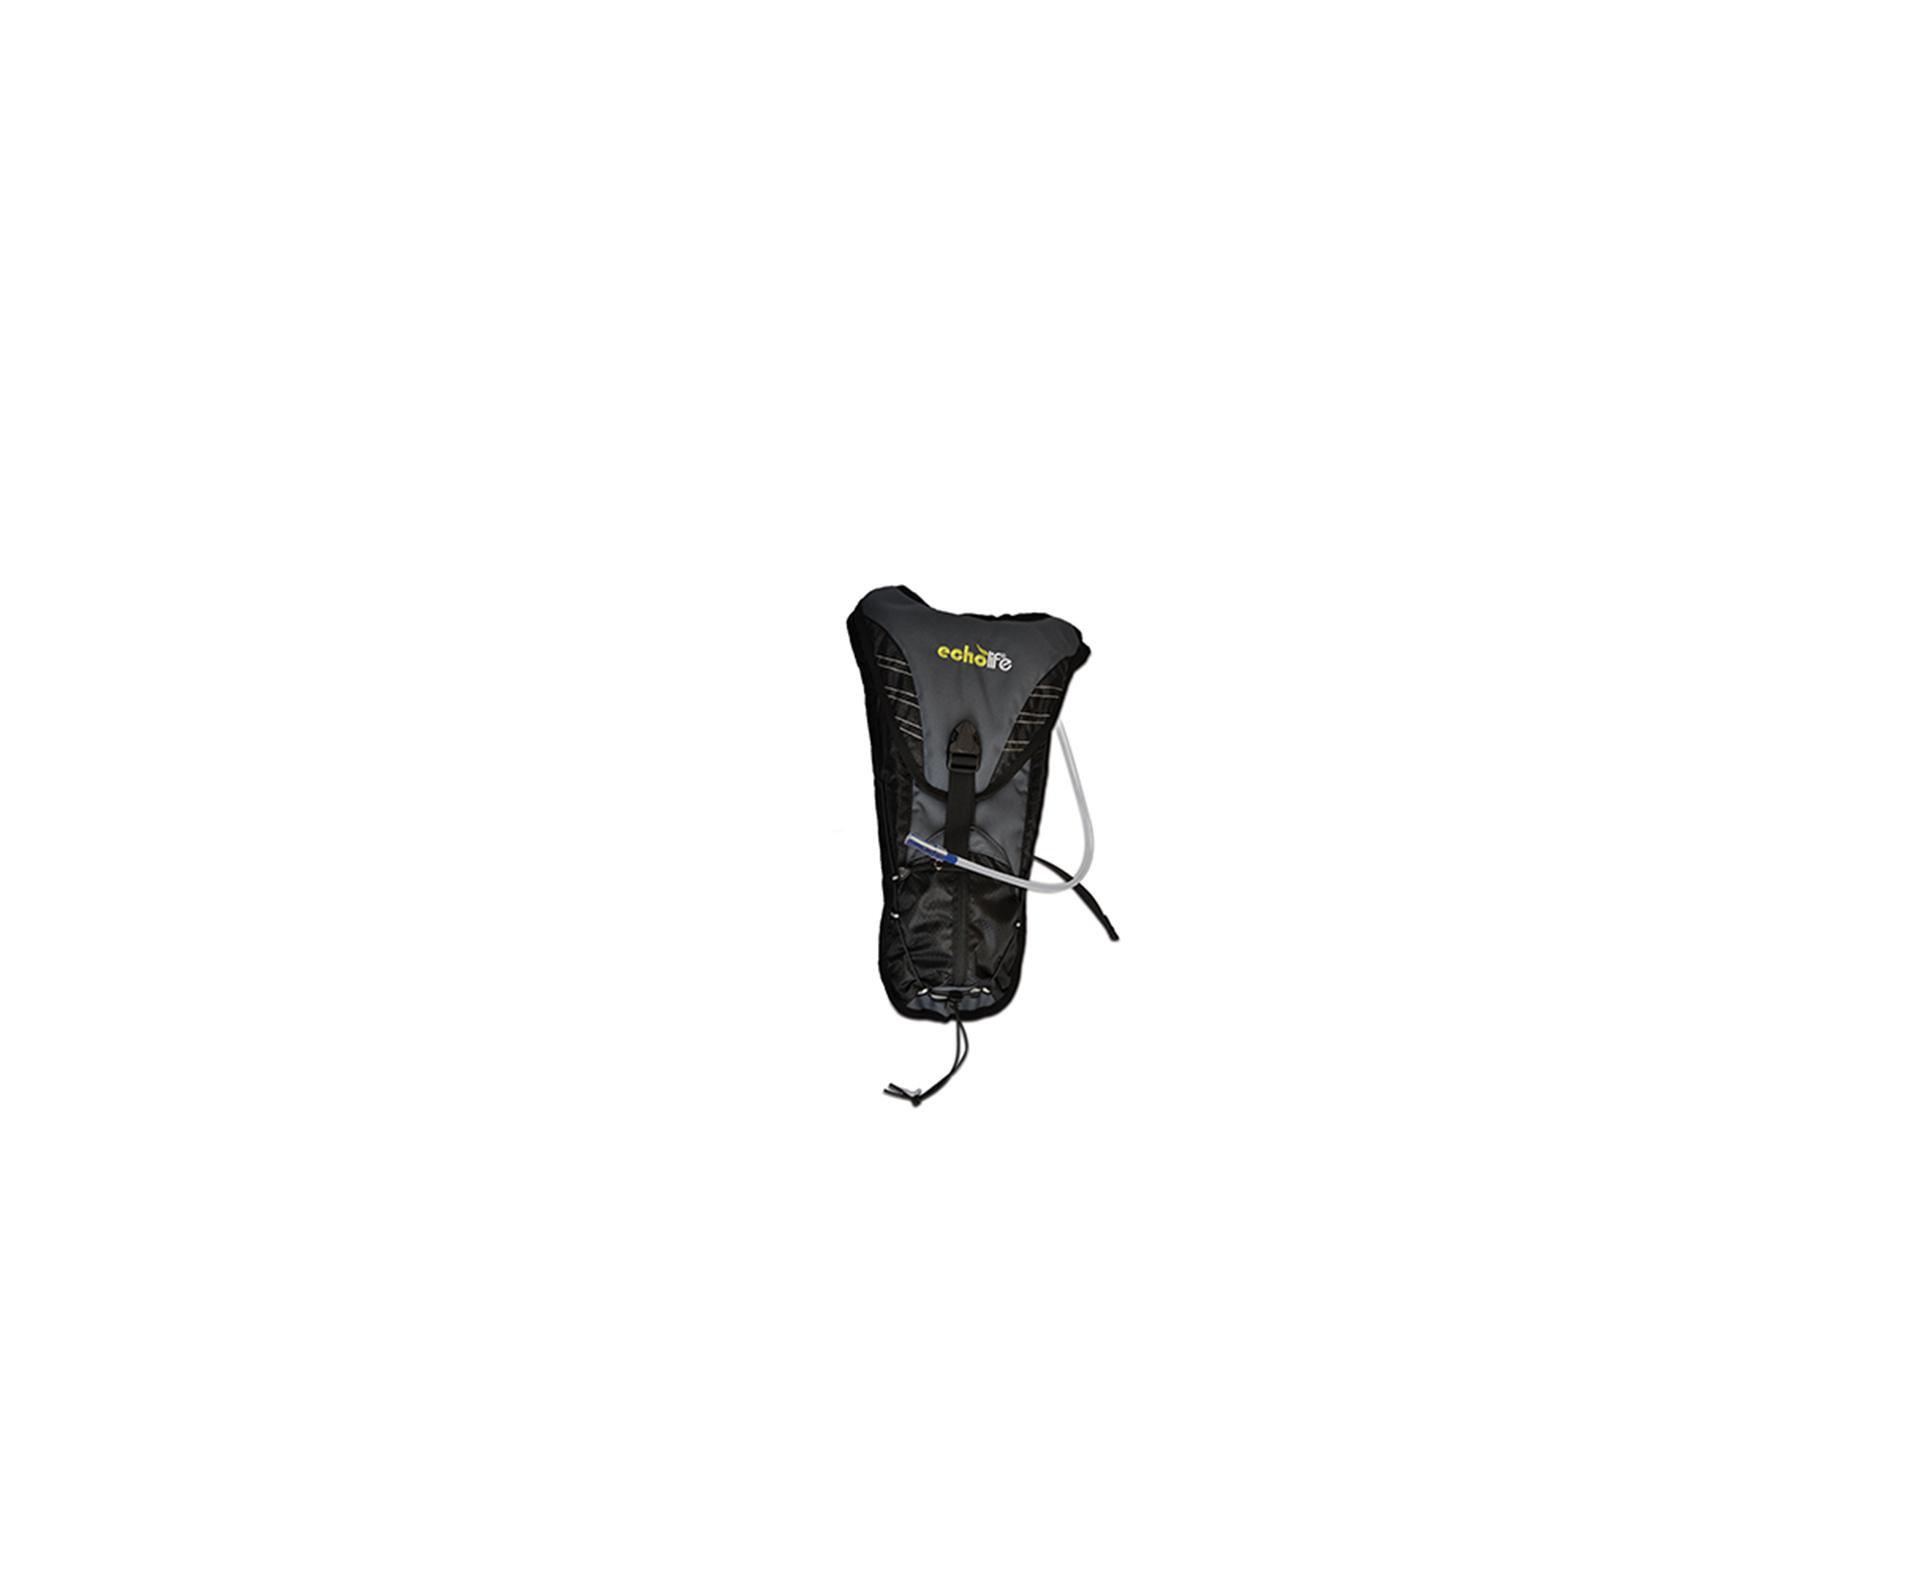 Mochila Hidratação Hydryx Com Capacidade 2l Preto Cinza - Echolife